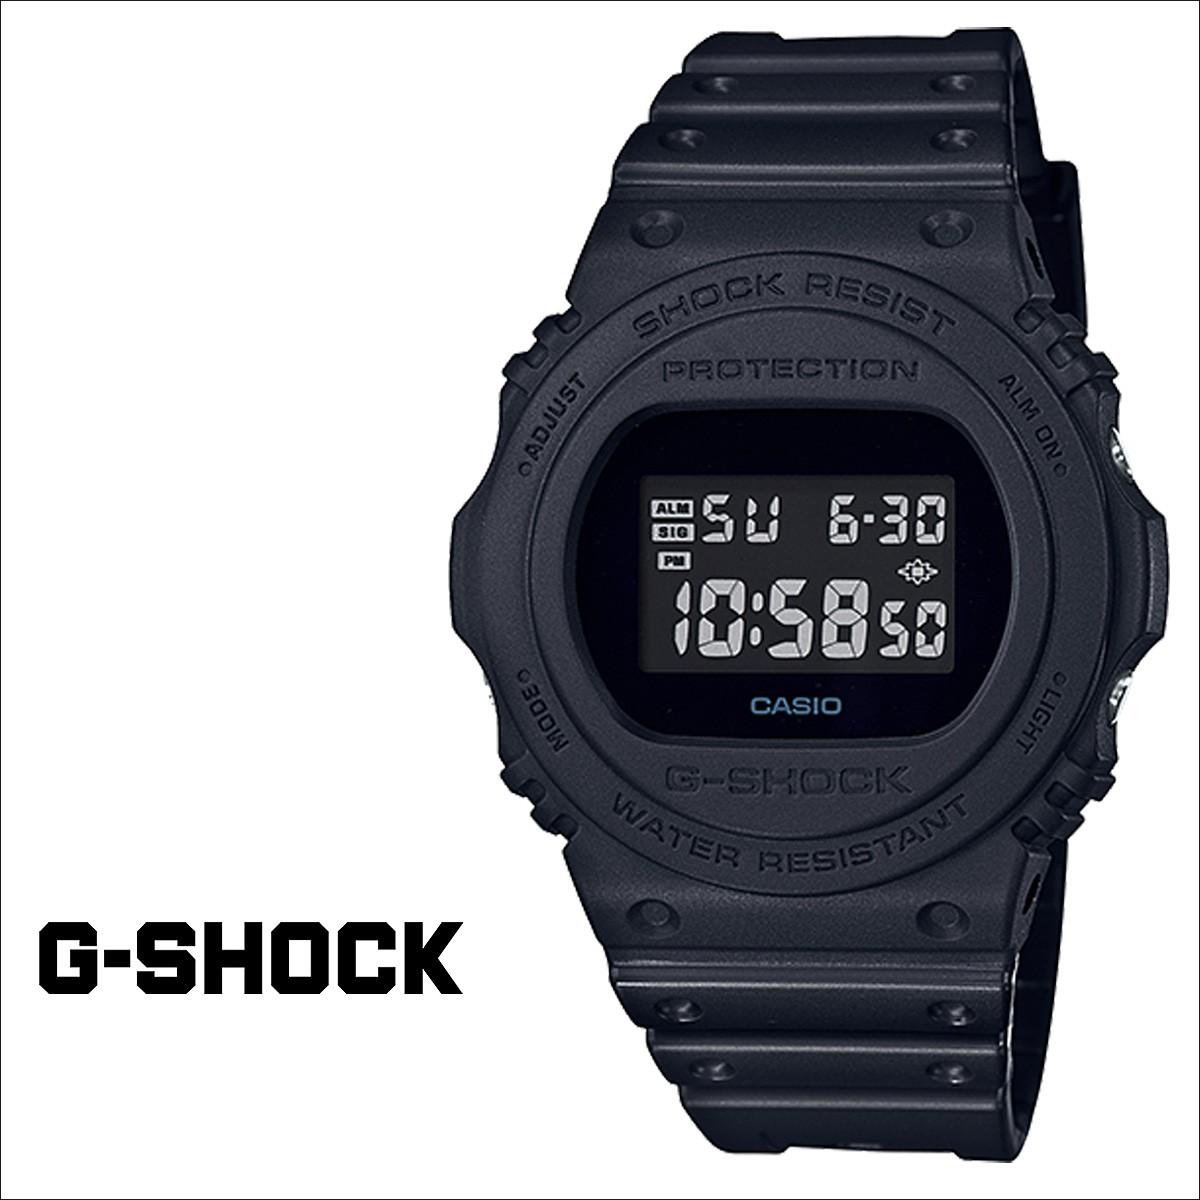 【SOLD OUT】 カシオ CASIO G-SHOCK 腕時計 DW-5750E-1BJF Gショック G-ショック ブラック メンズ レディース [1/17 再入荷]